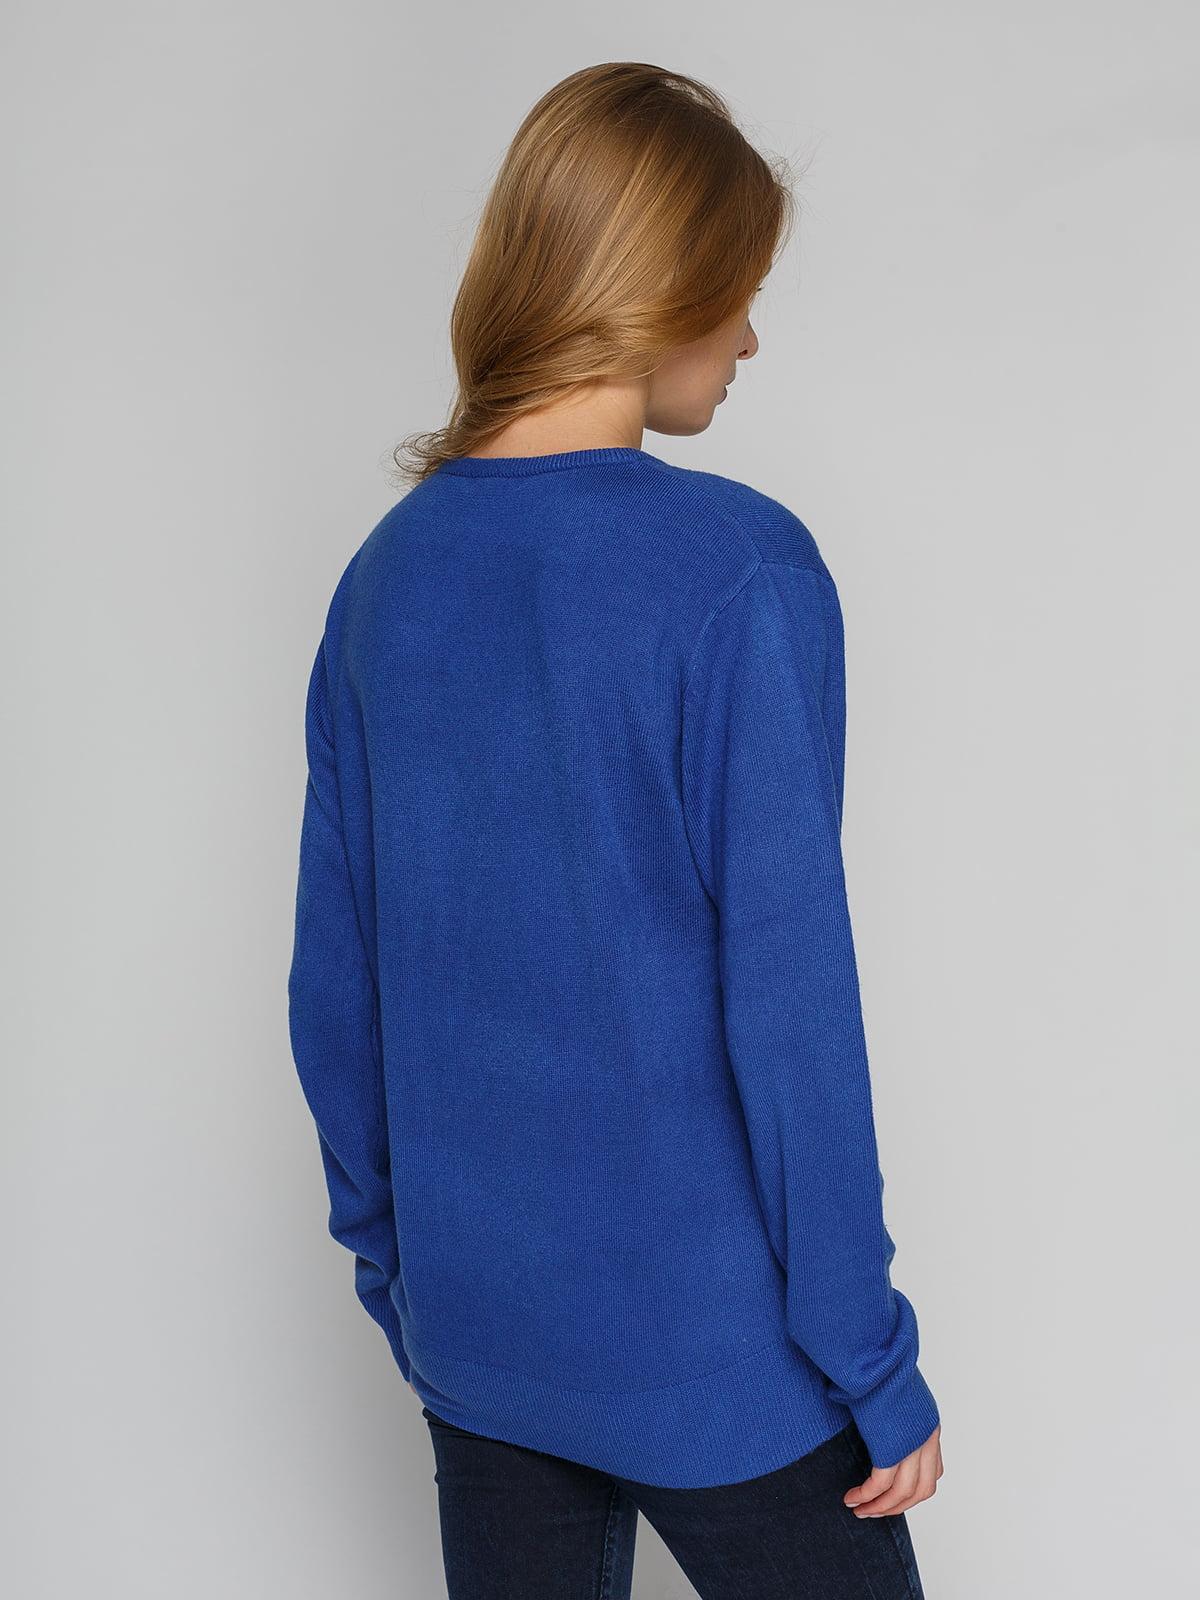 Пуловер синій | 4855276 | фото 2